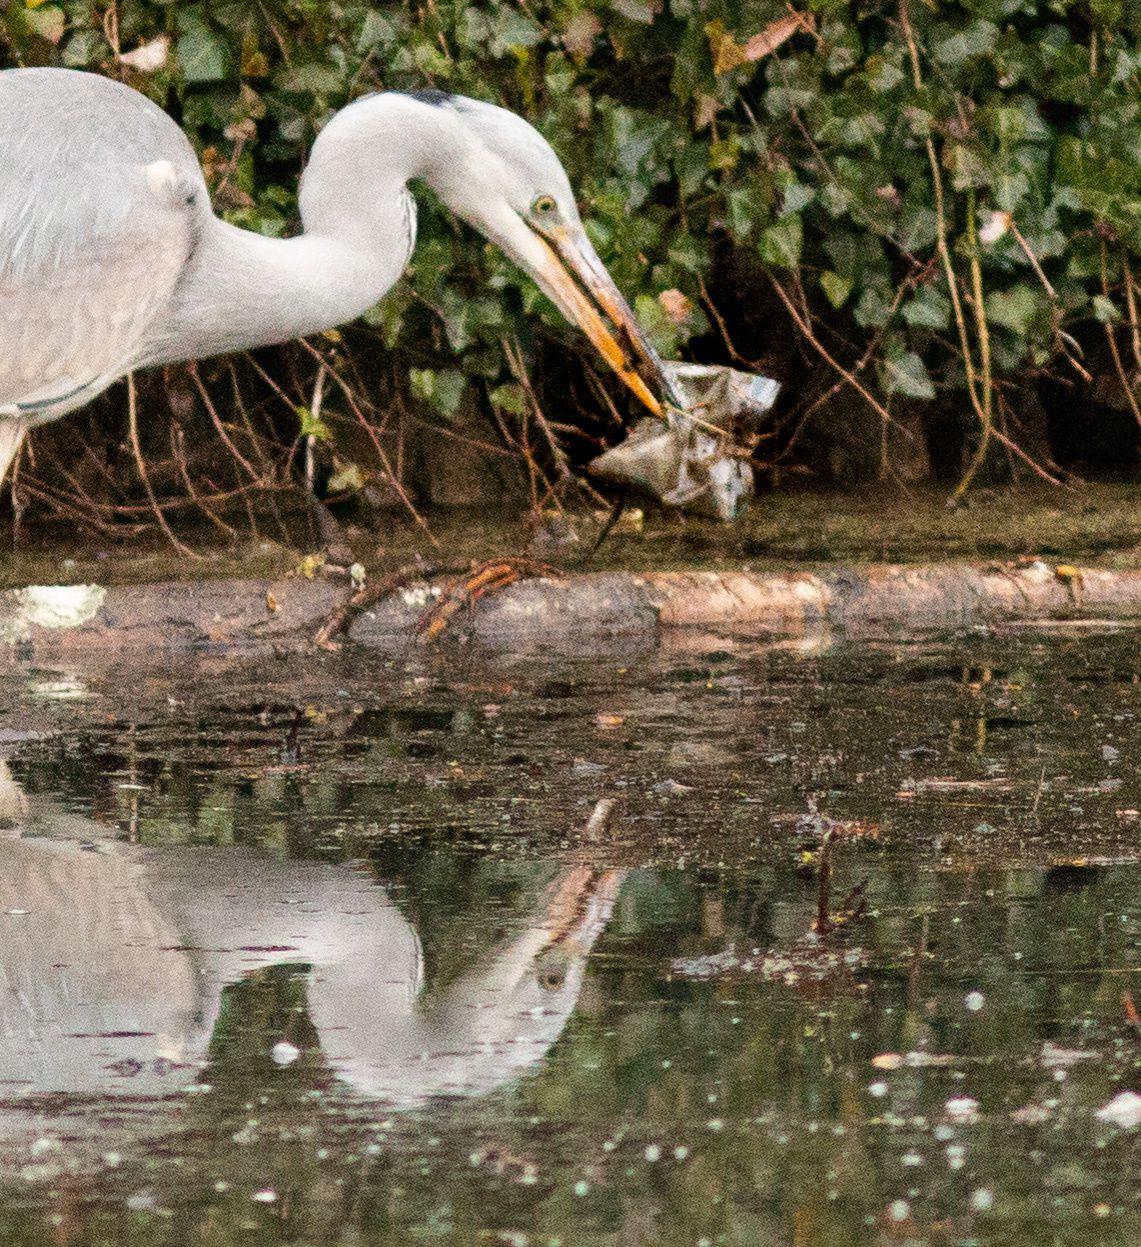 Plastique !?? avalé ou pas ? Dans les parcs urbains les conditions d'alimentation sont parfois limite.